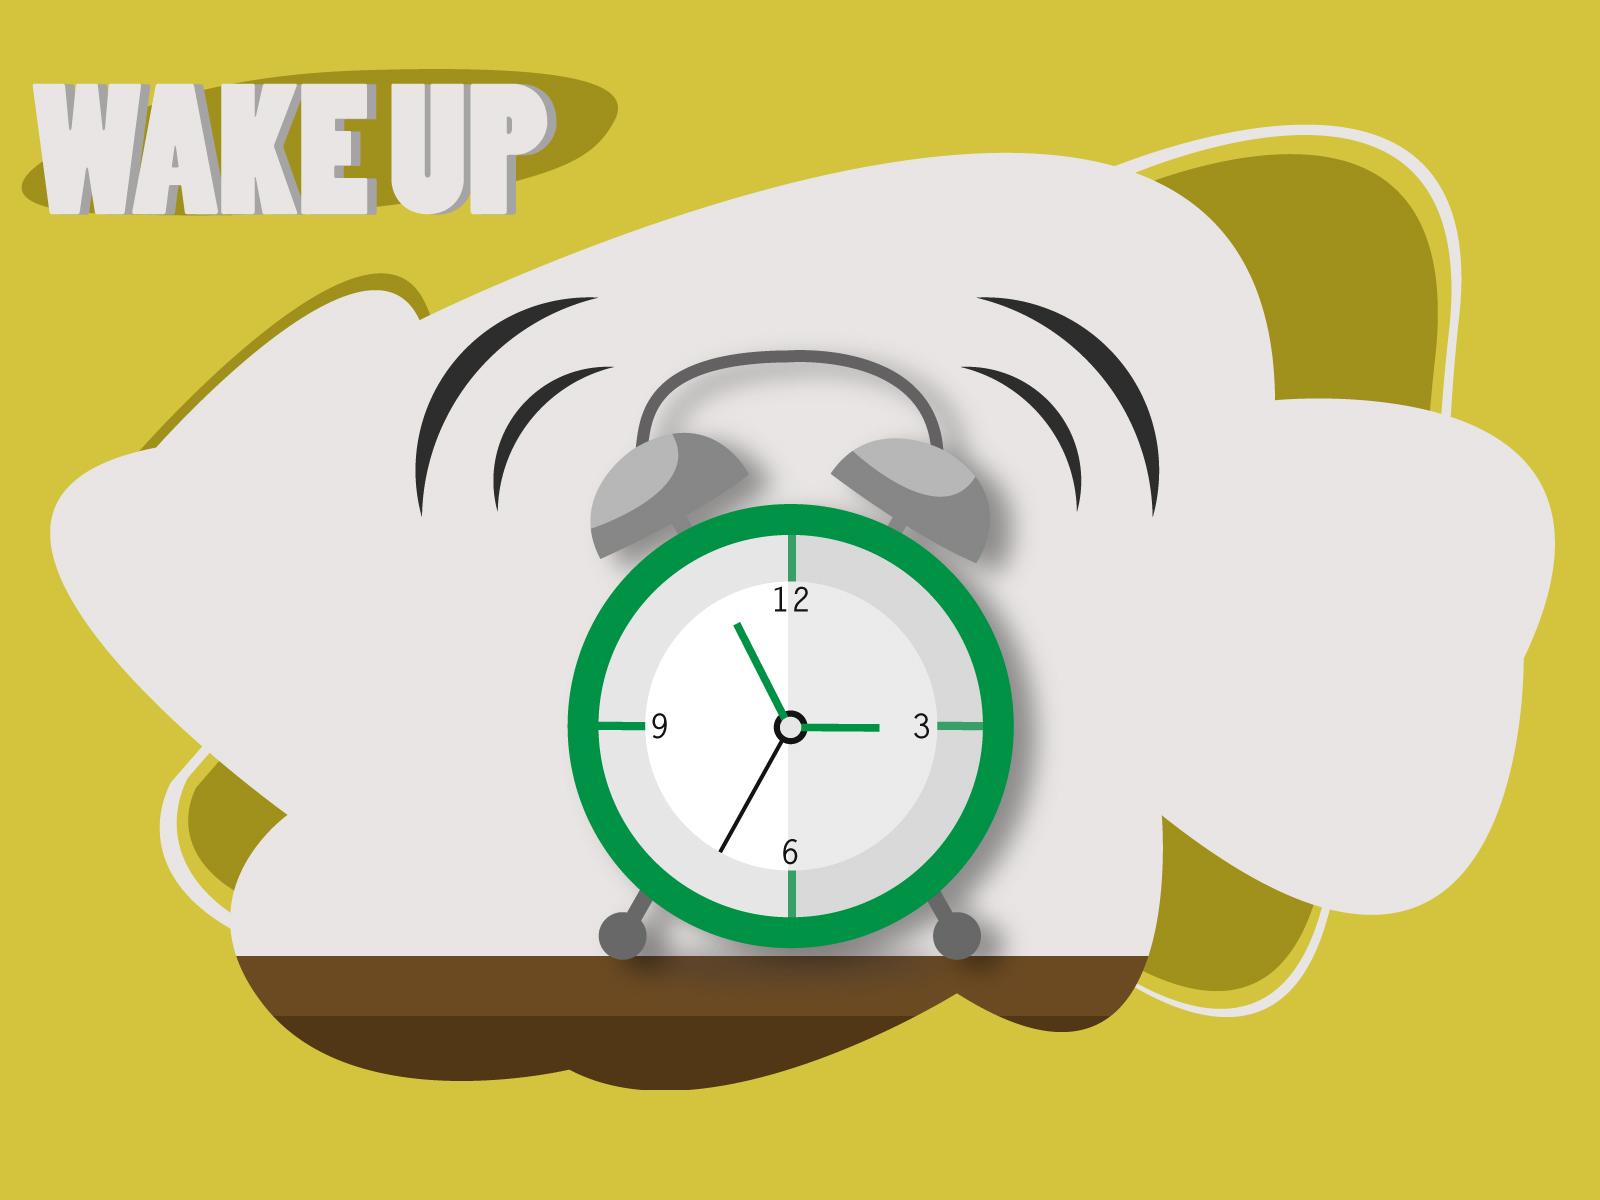 Clock wake up 1600x1200